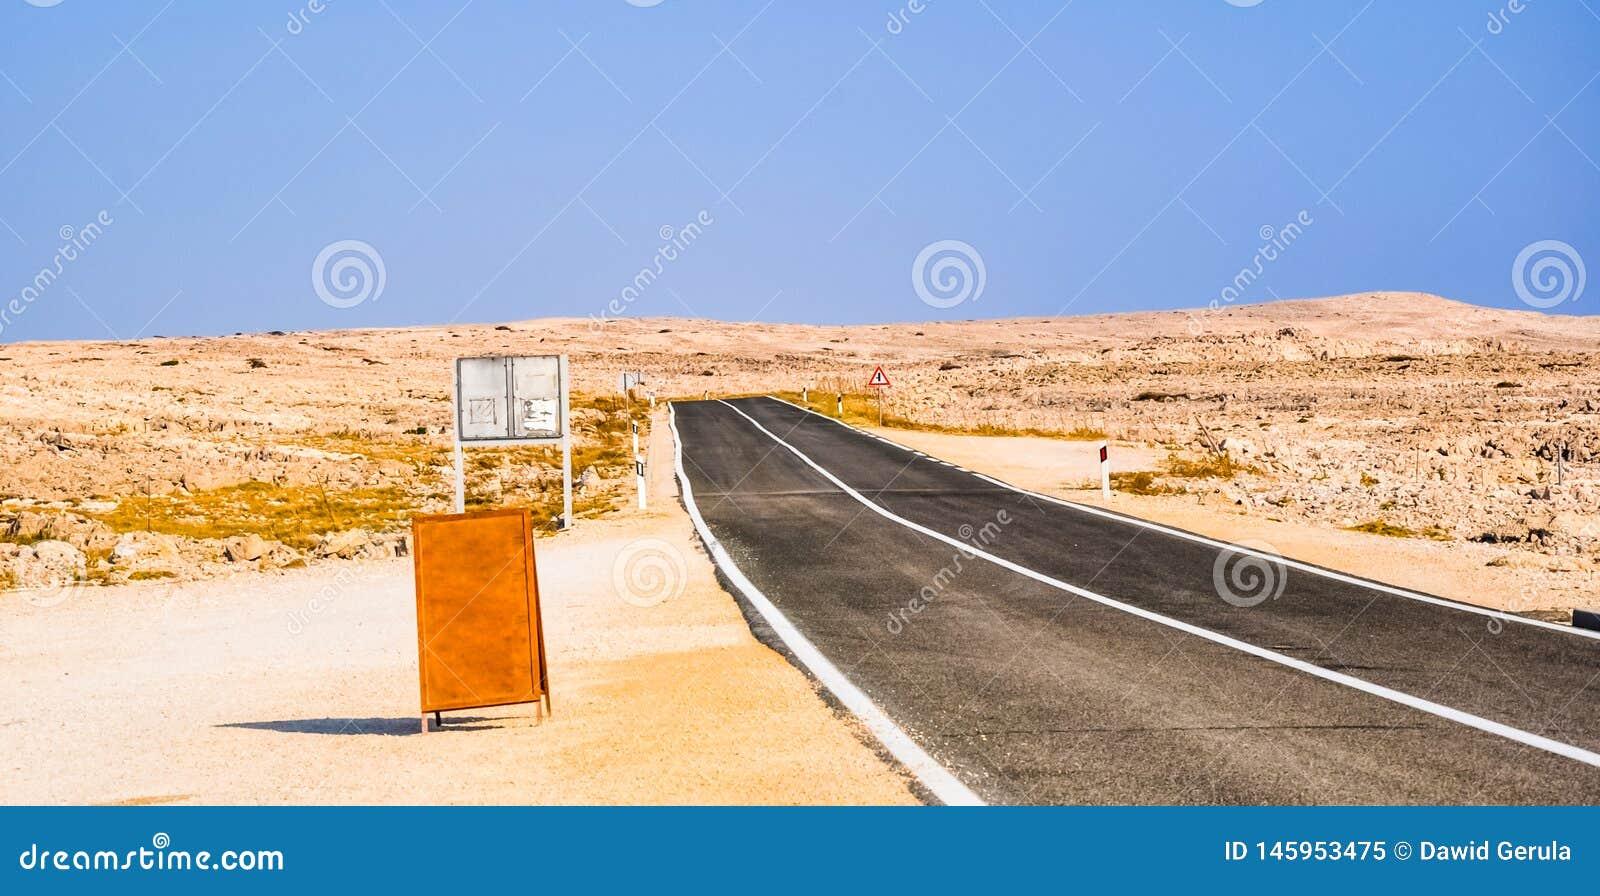 Lege weg door de woestijn Houten leeg teken op de linkerkant van de foto